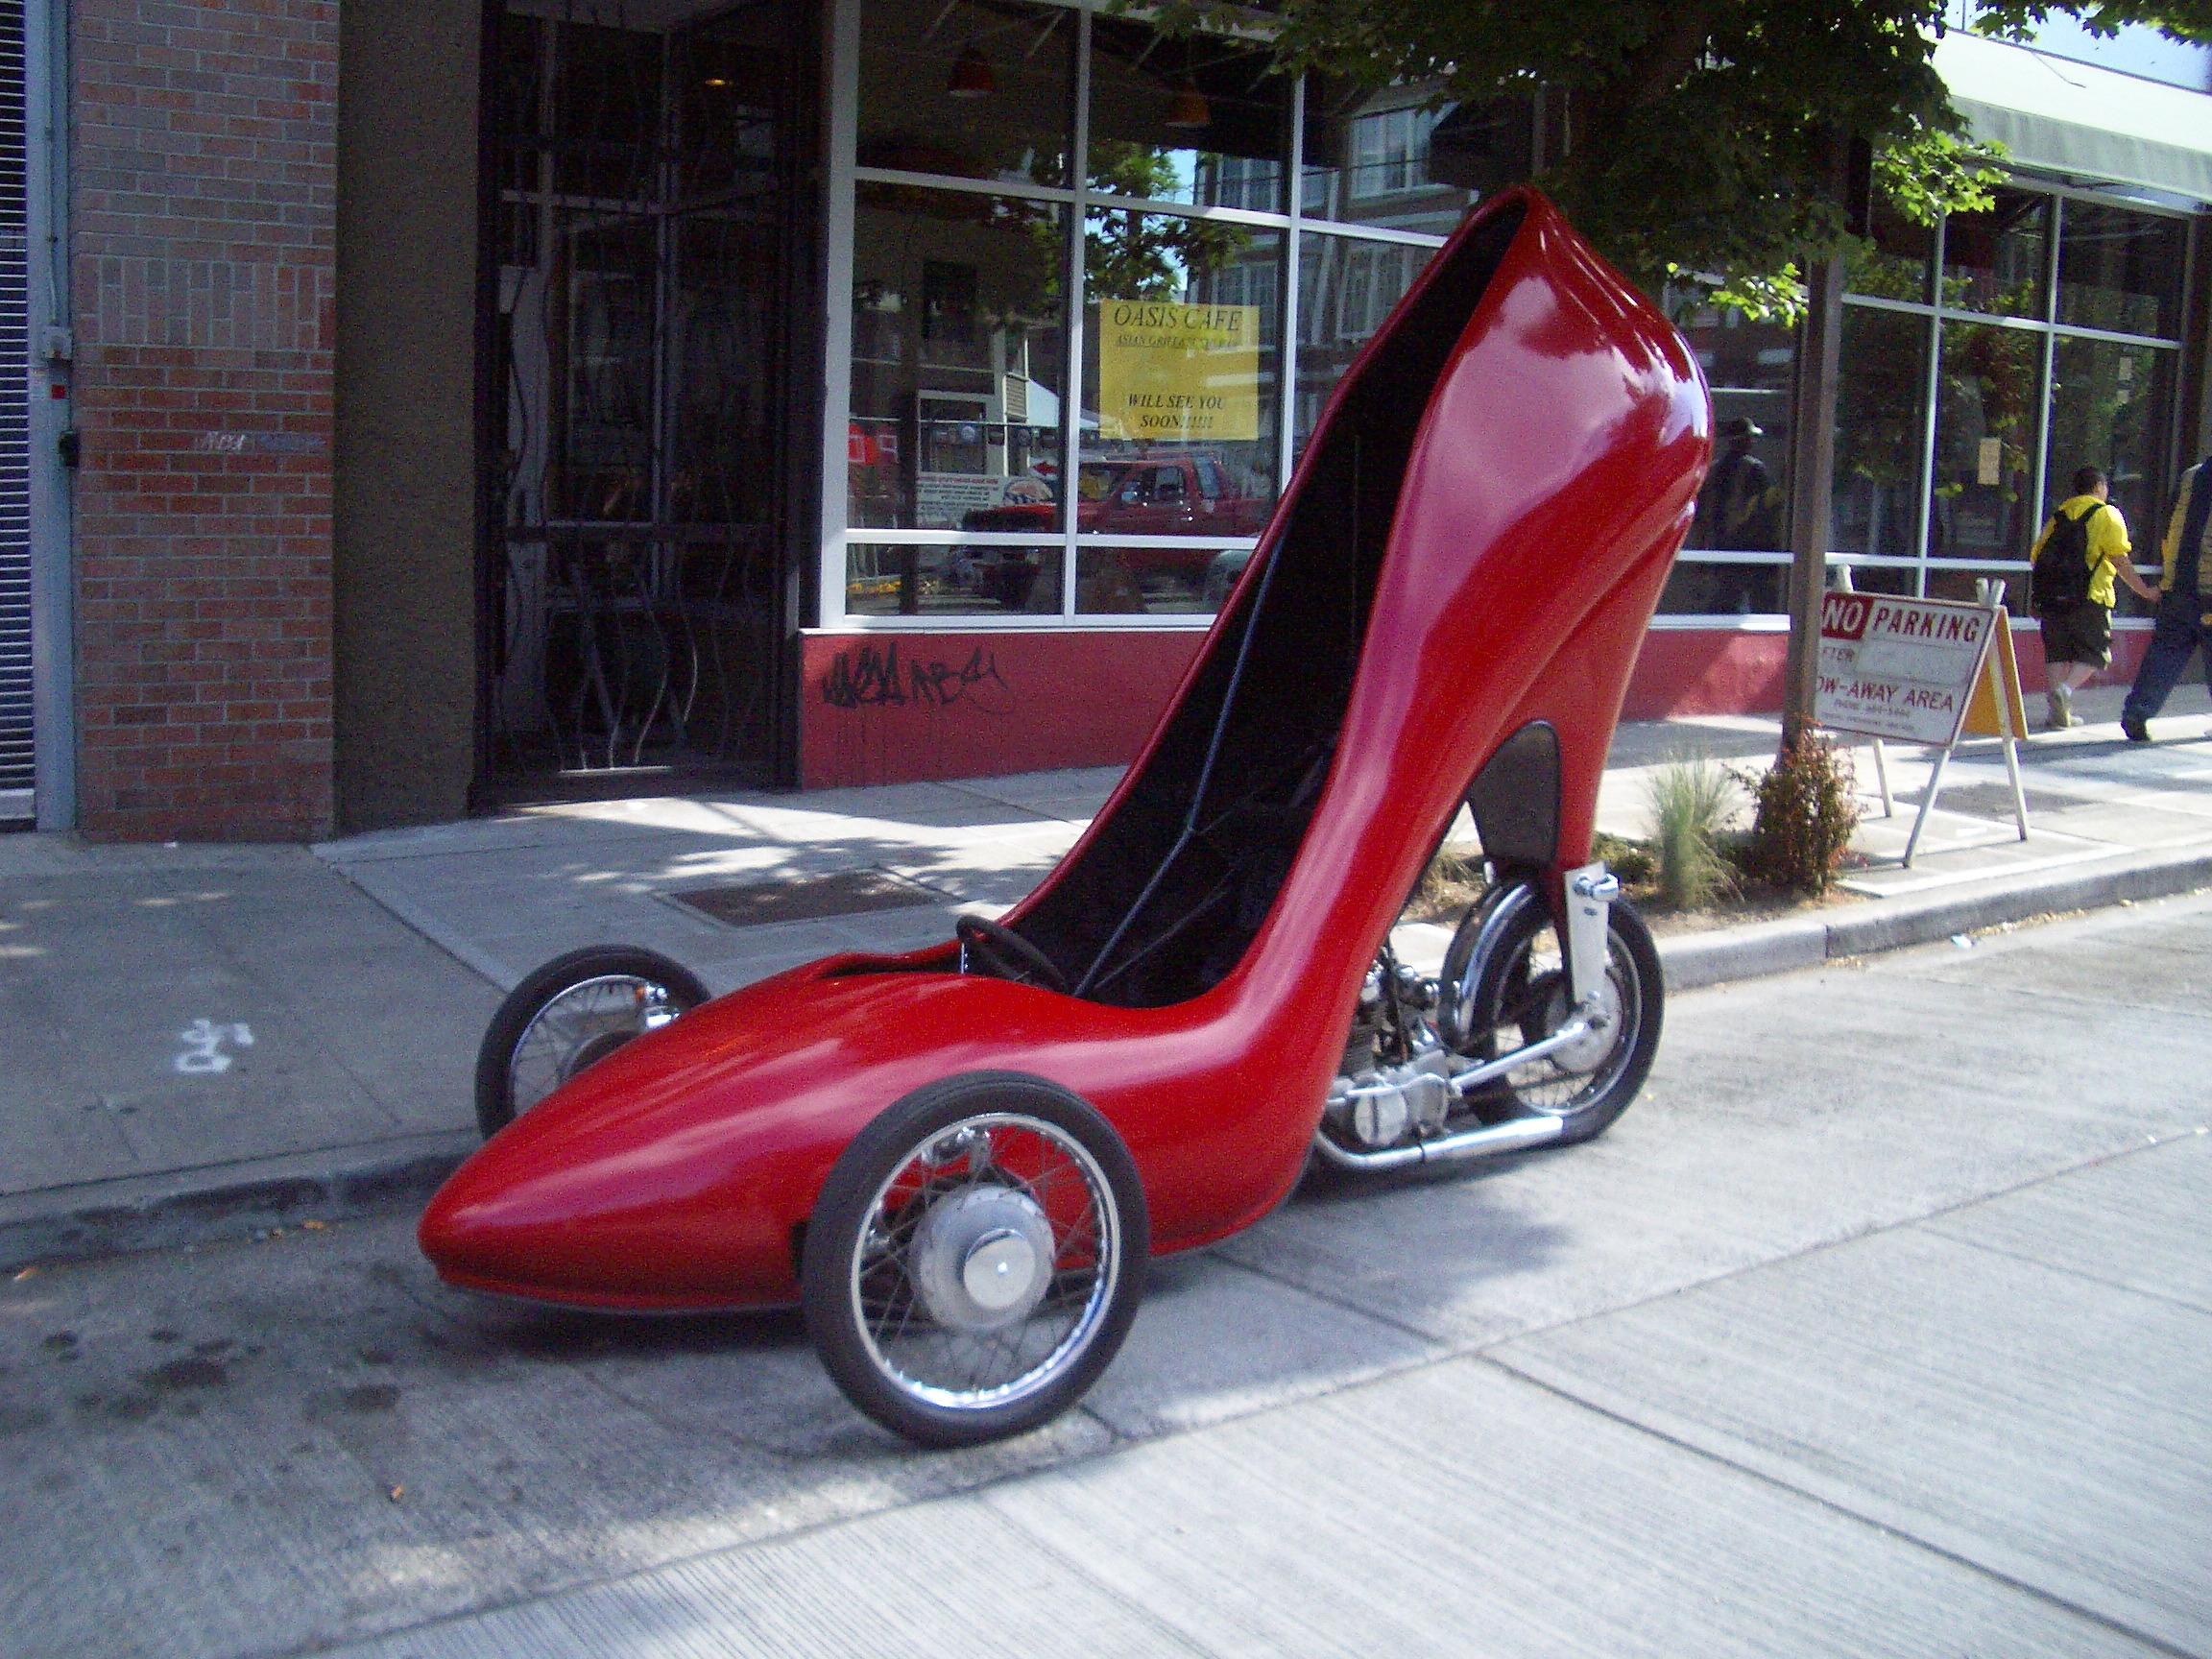 احذيه غرييييييبه Big-shoe-Tricycles-vehicle